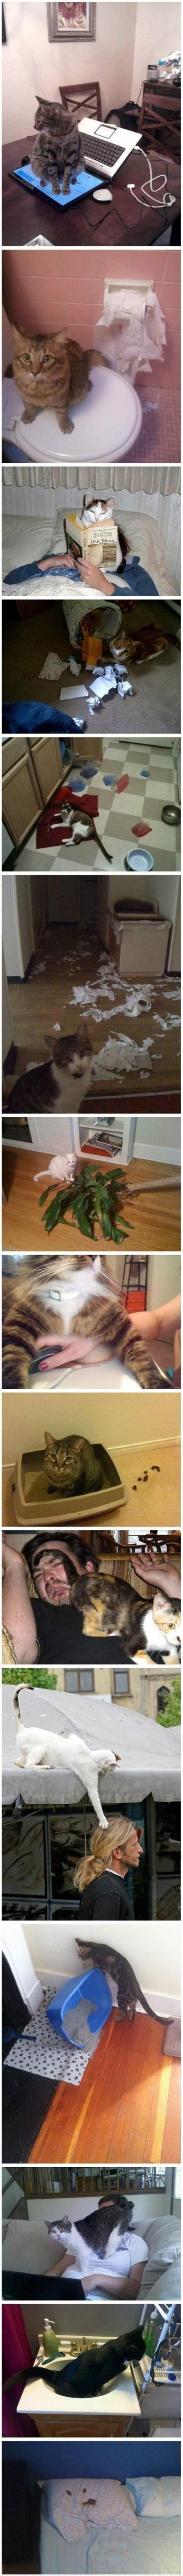 Katzen.. - Fail Bilder - Webfail